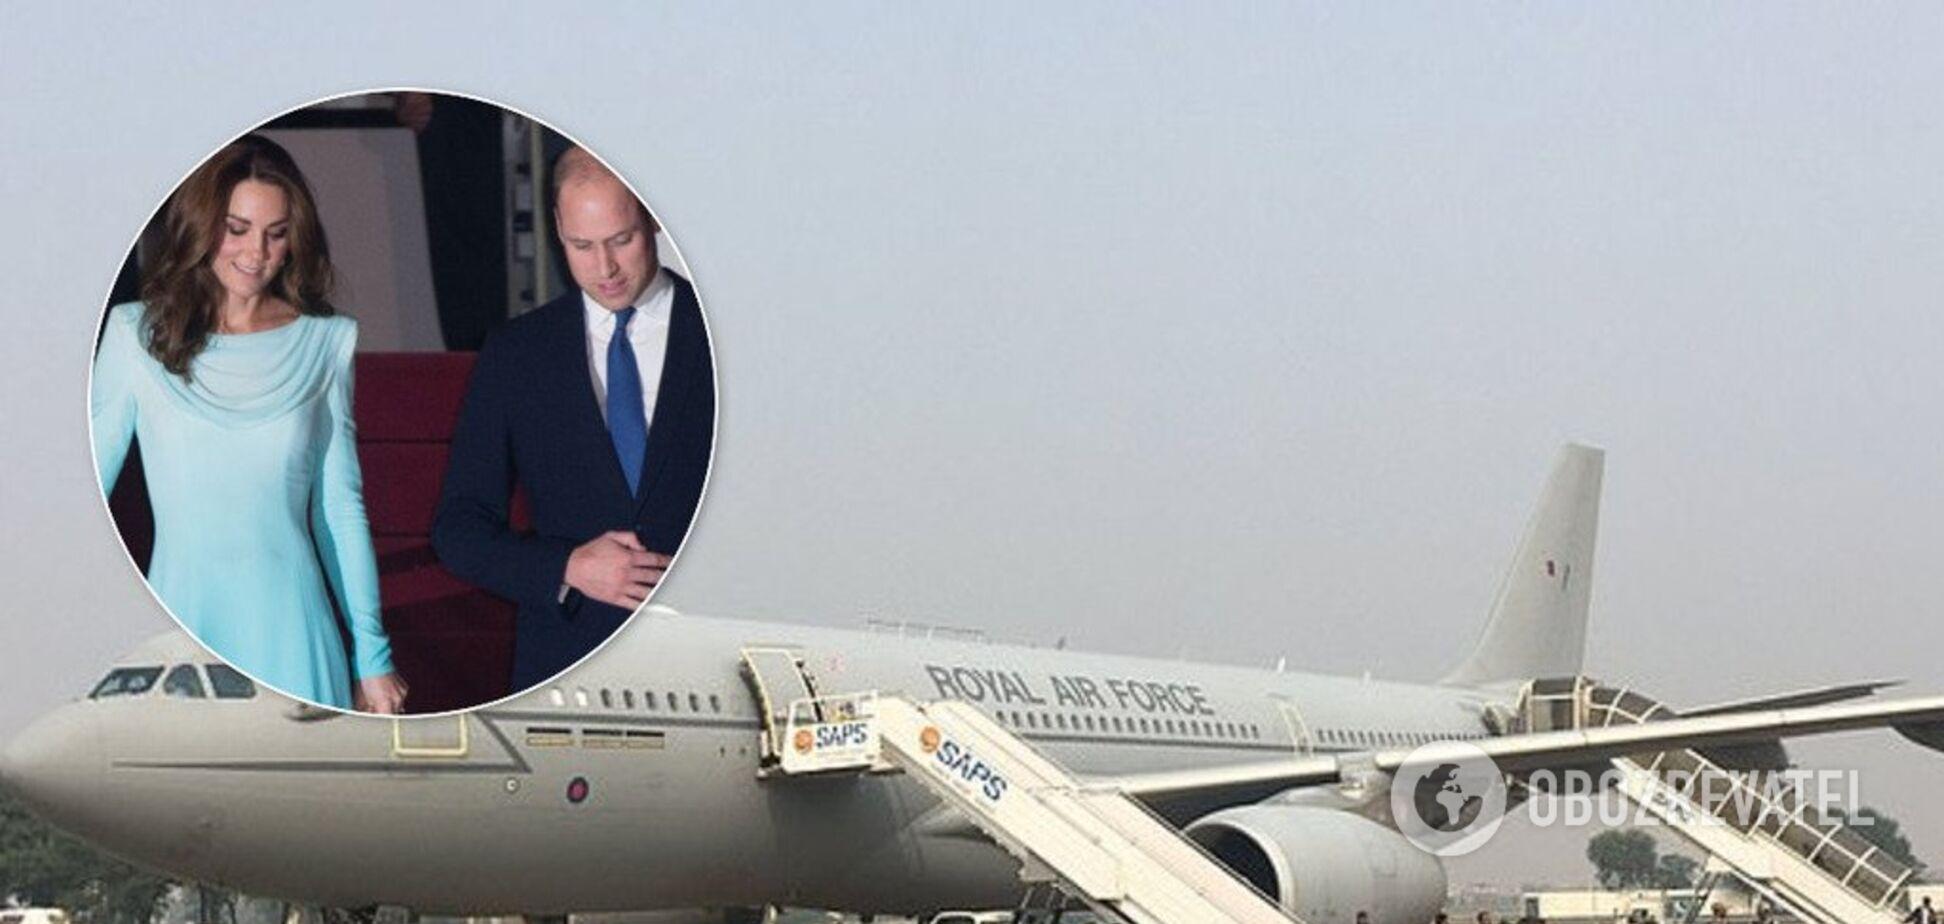 Літак із Кейт Міддлтон і принцом Вільямом потрапив у НП